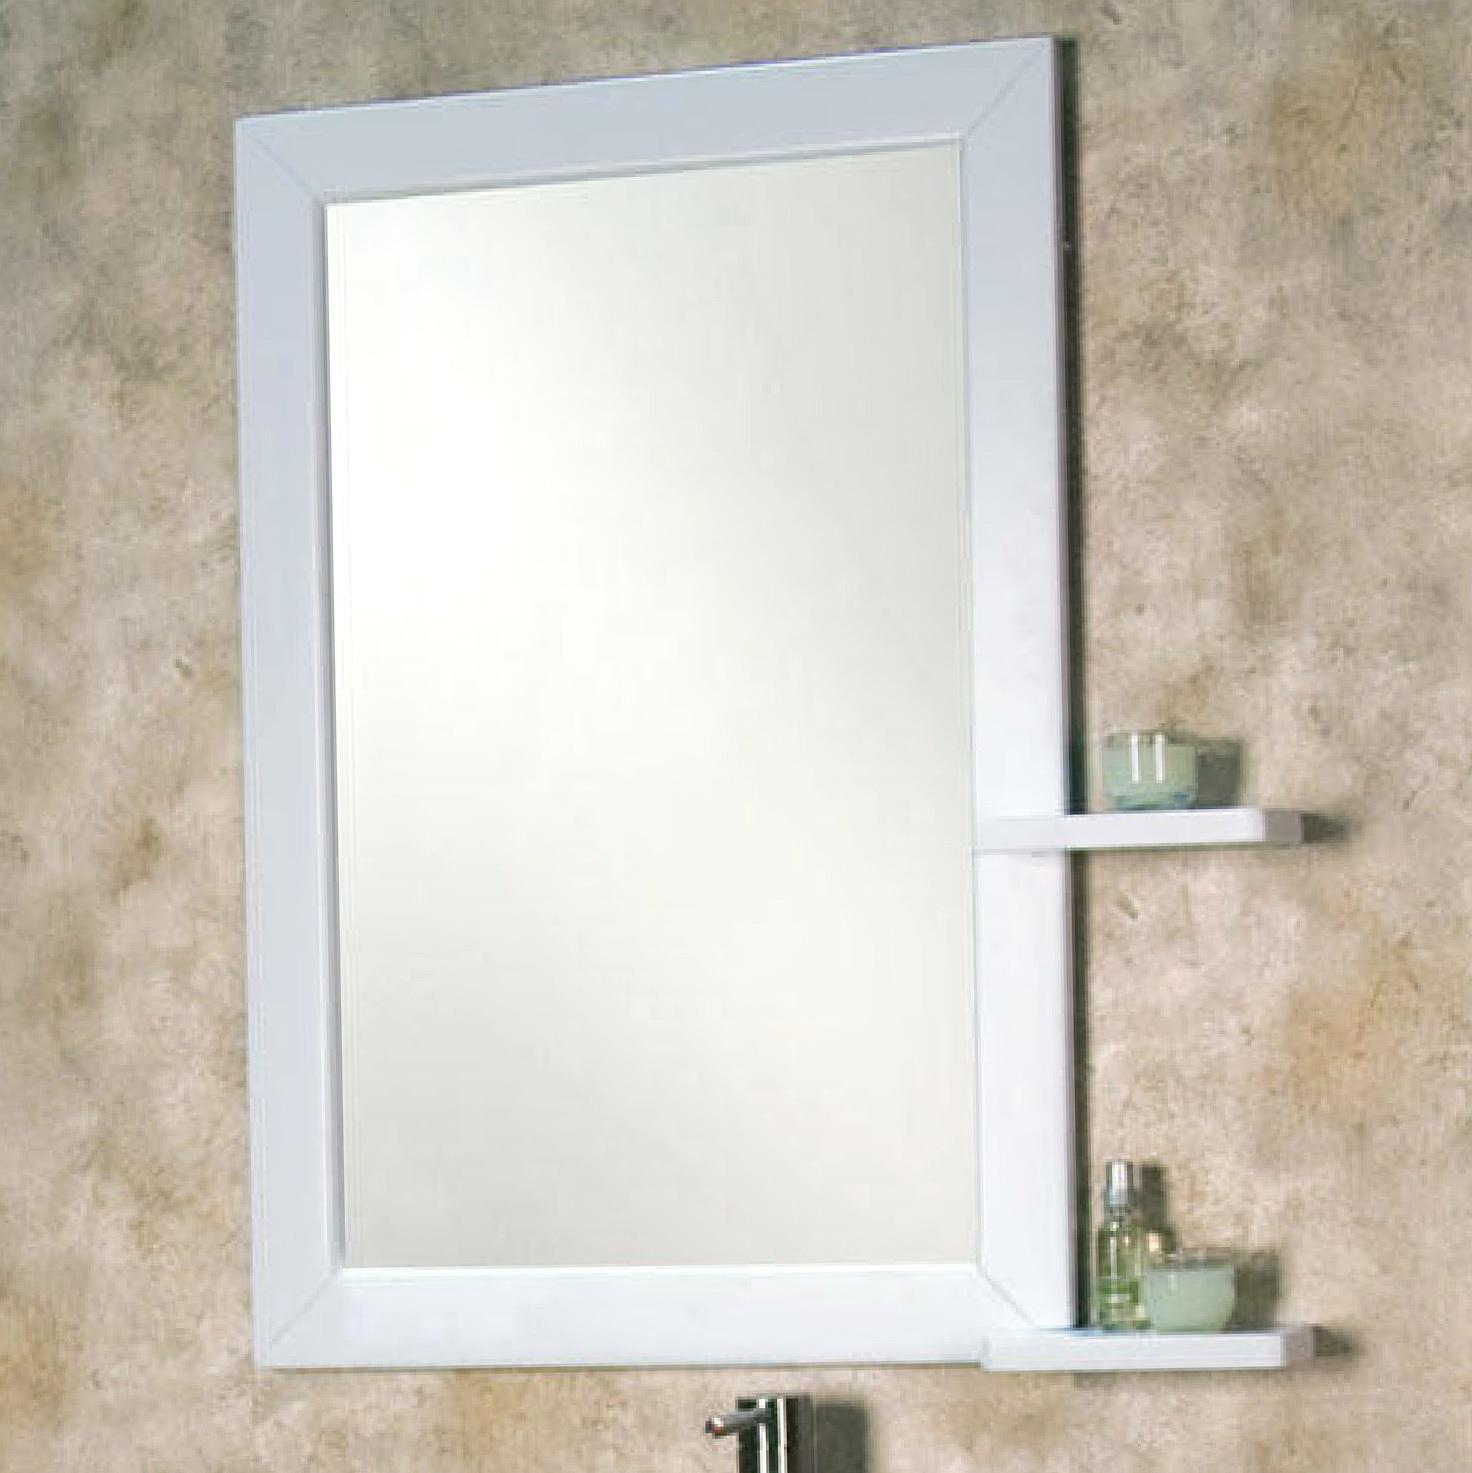 Small Bathroom Mirror With Shelf